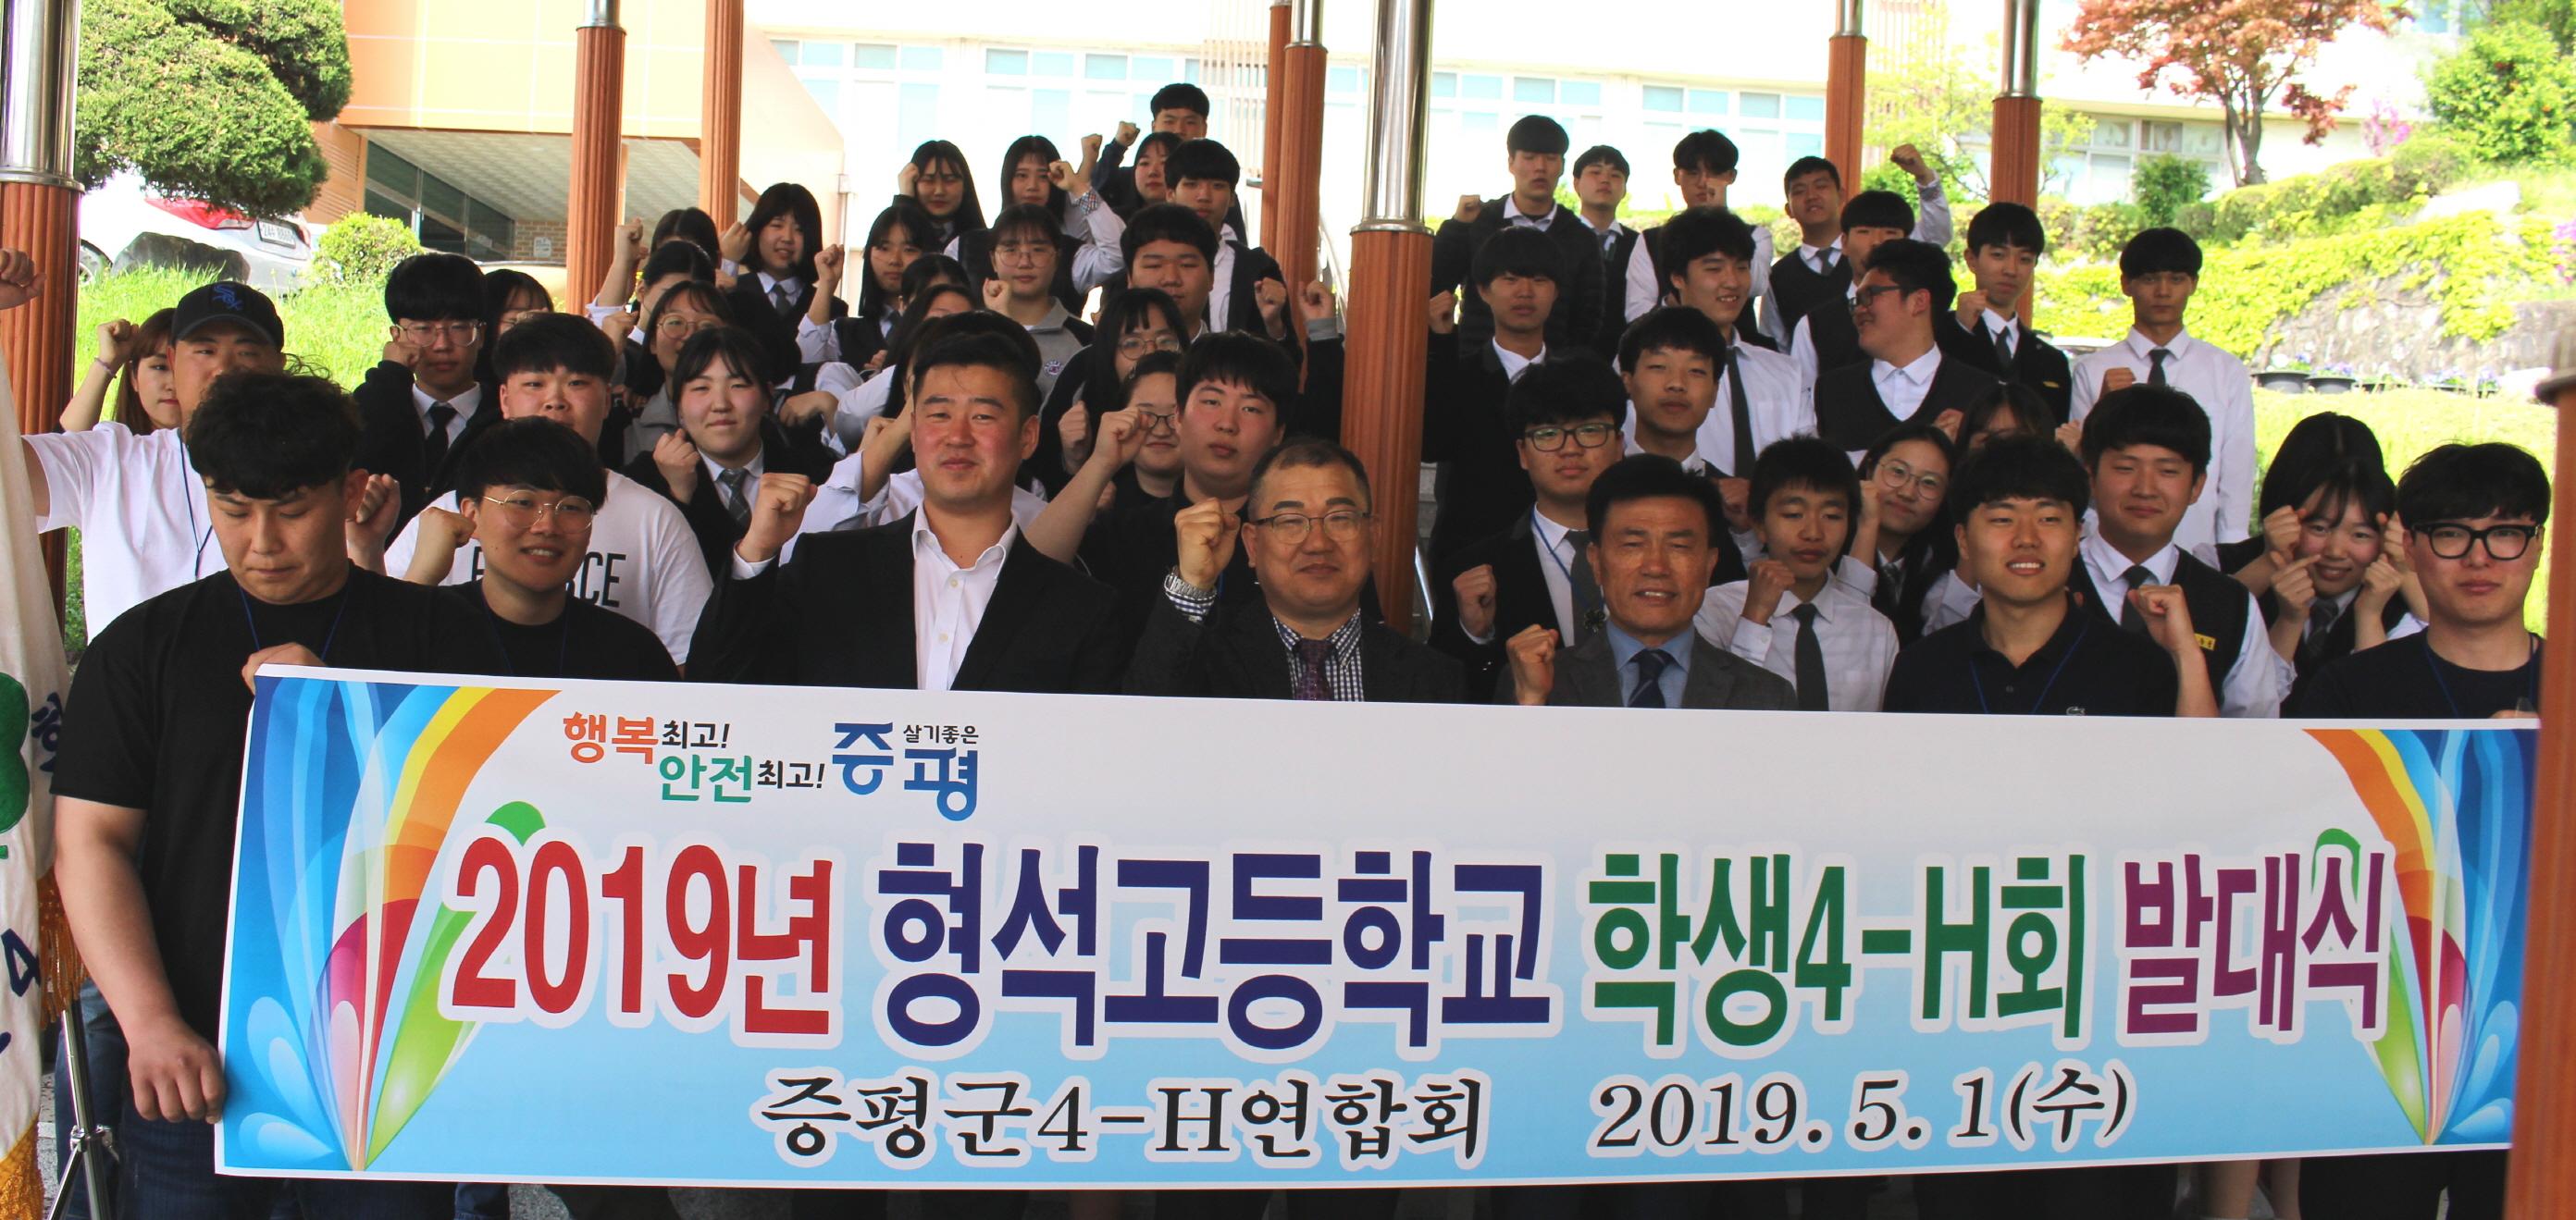 증평군 형석고등학교 학생4-H회 발대식 개최 [이미지]